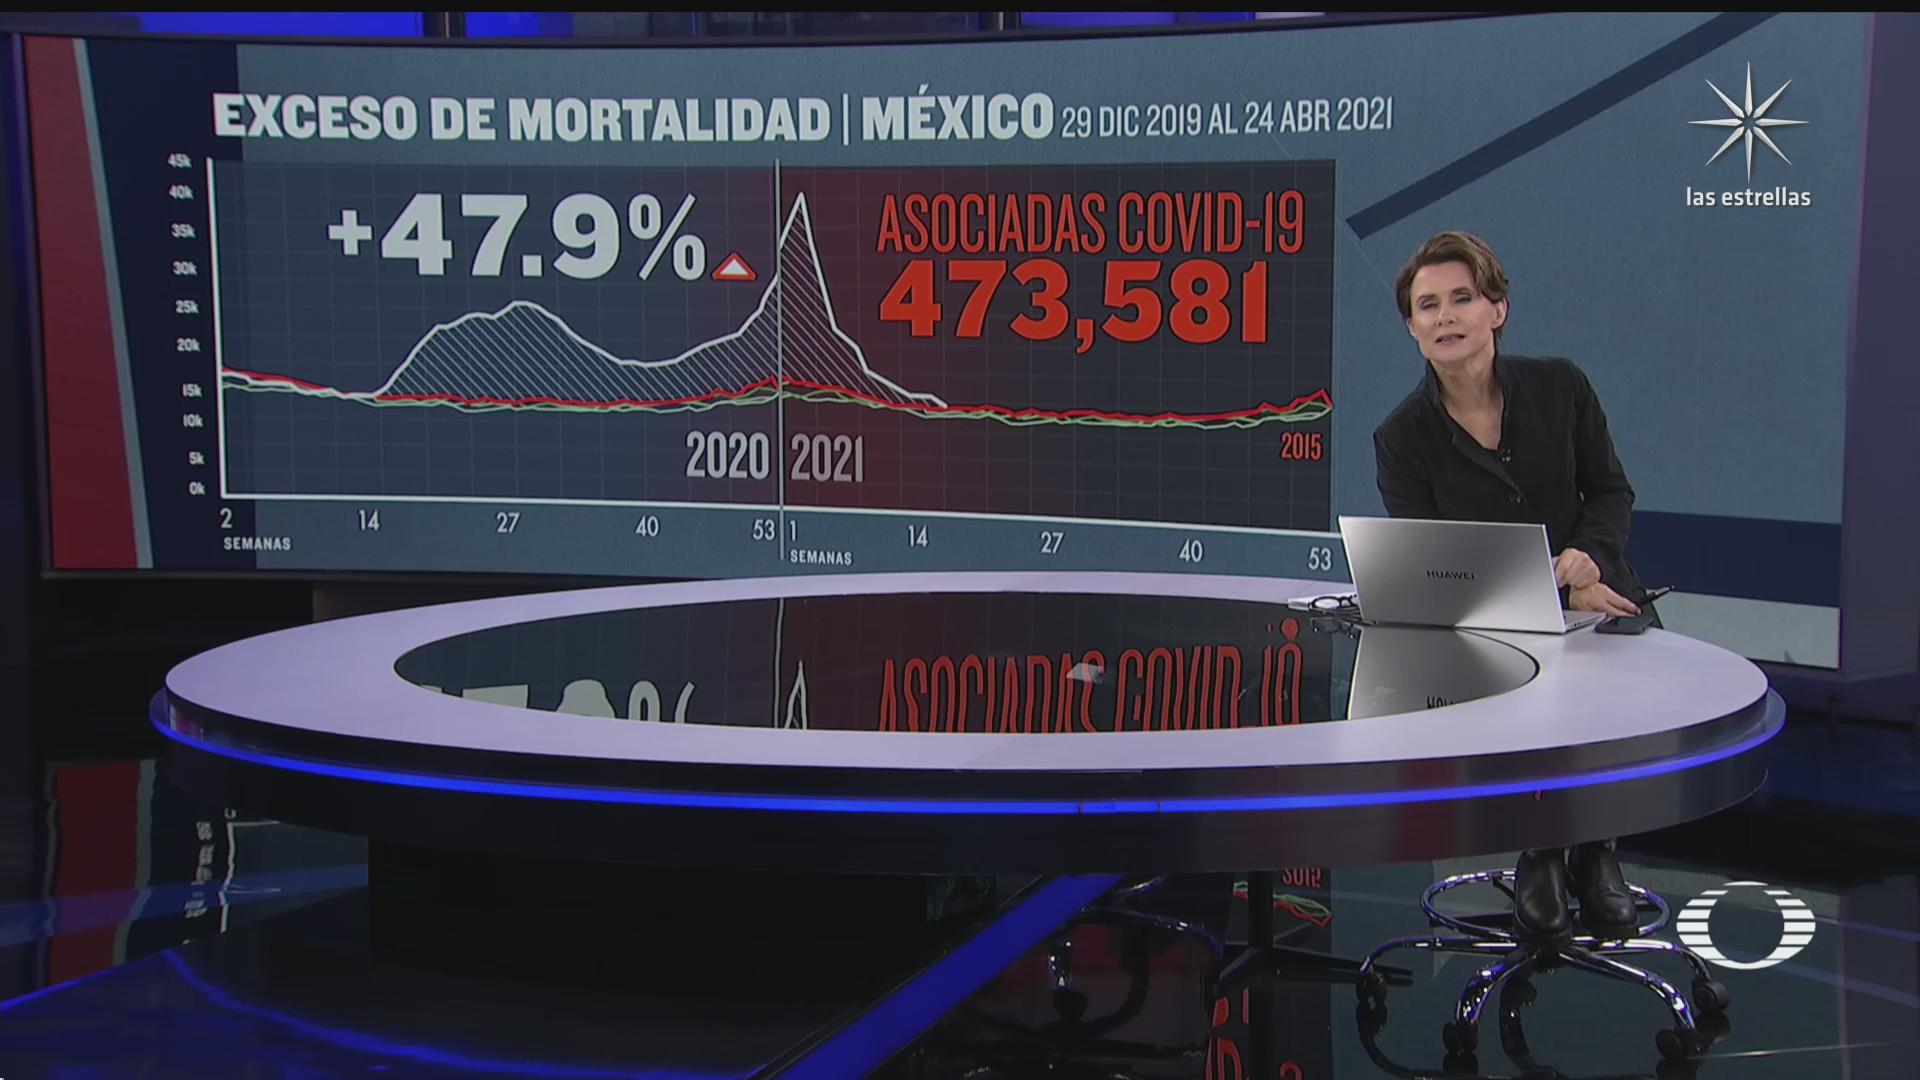 covid 19 causante de exceso de mortalidad en mexico